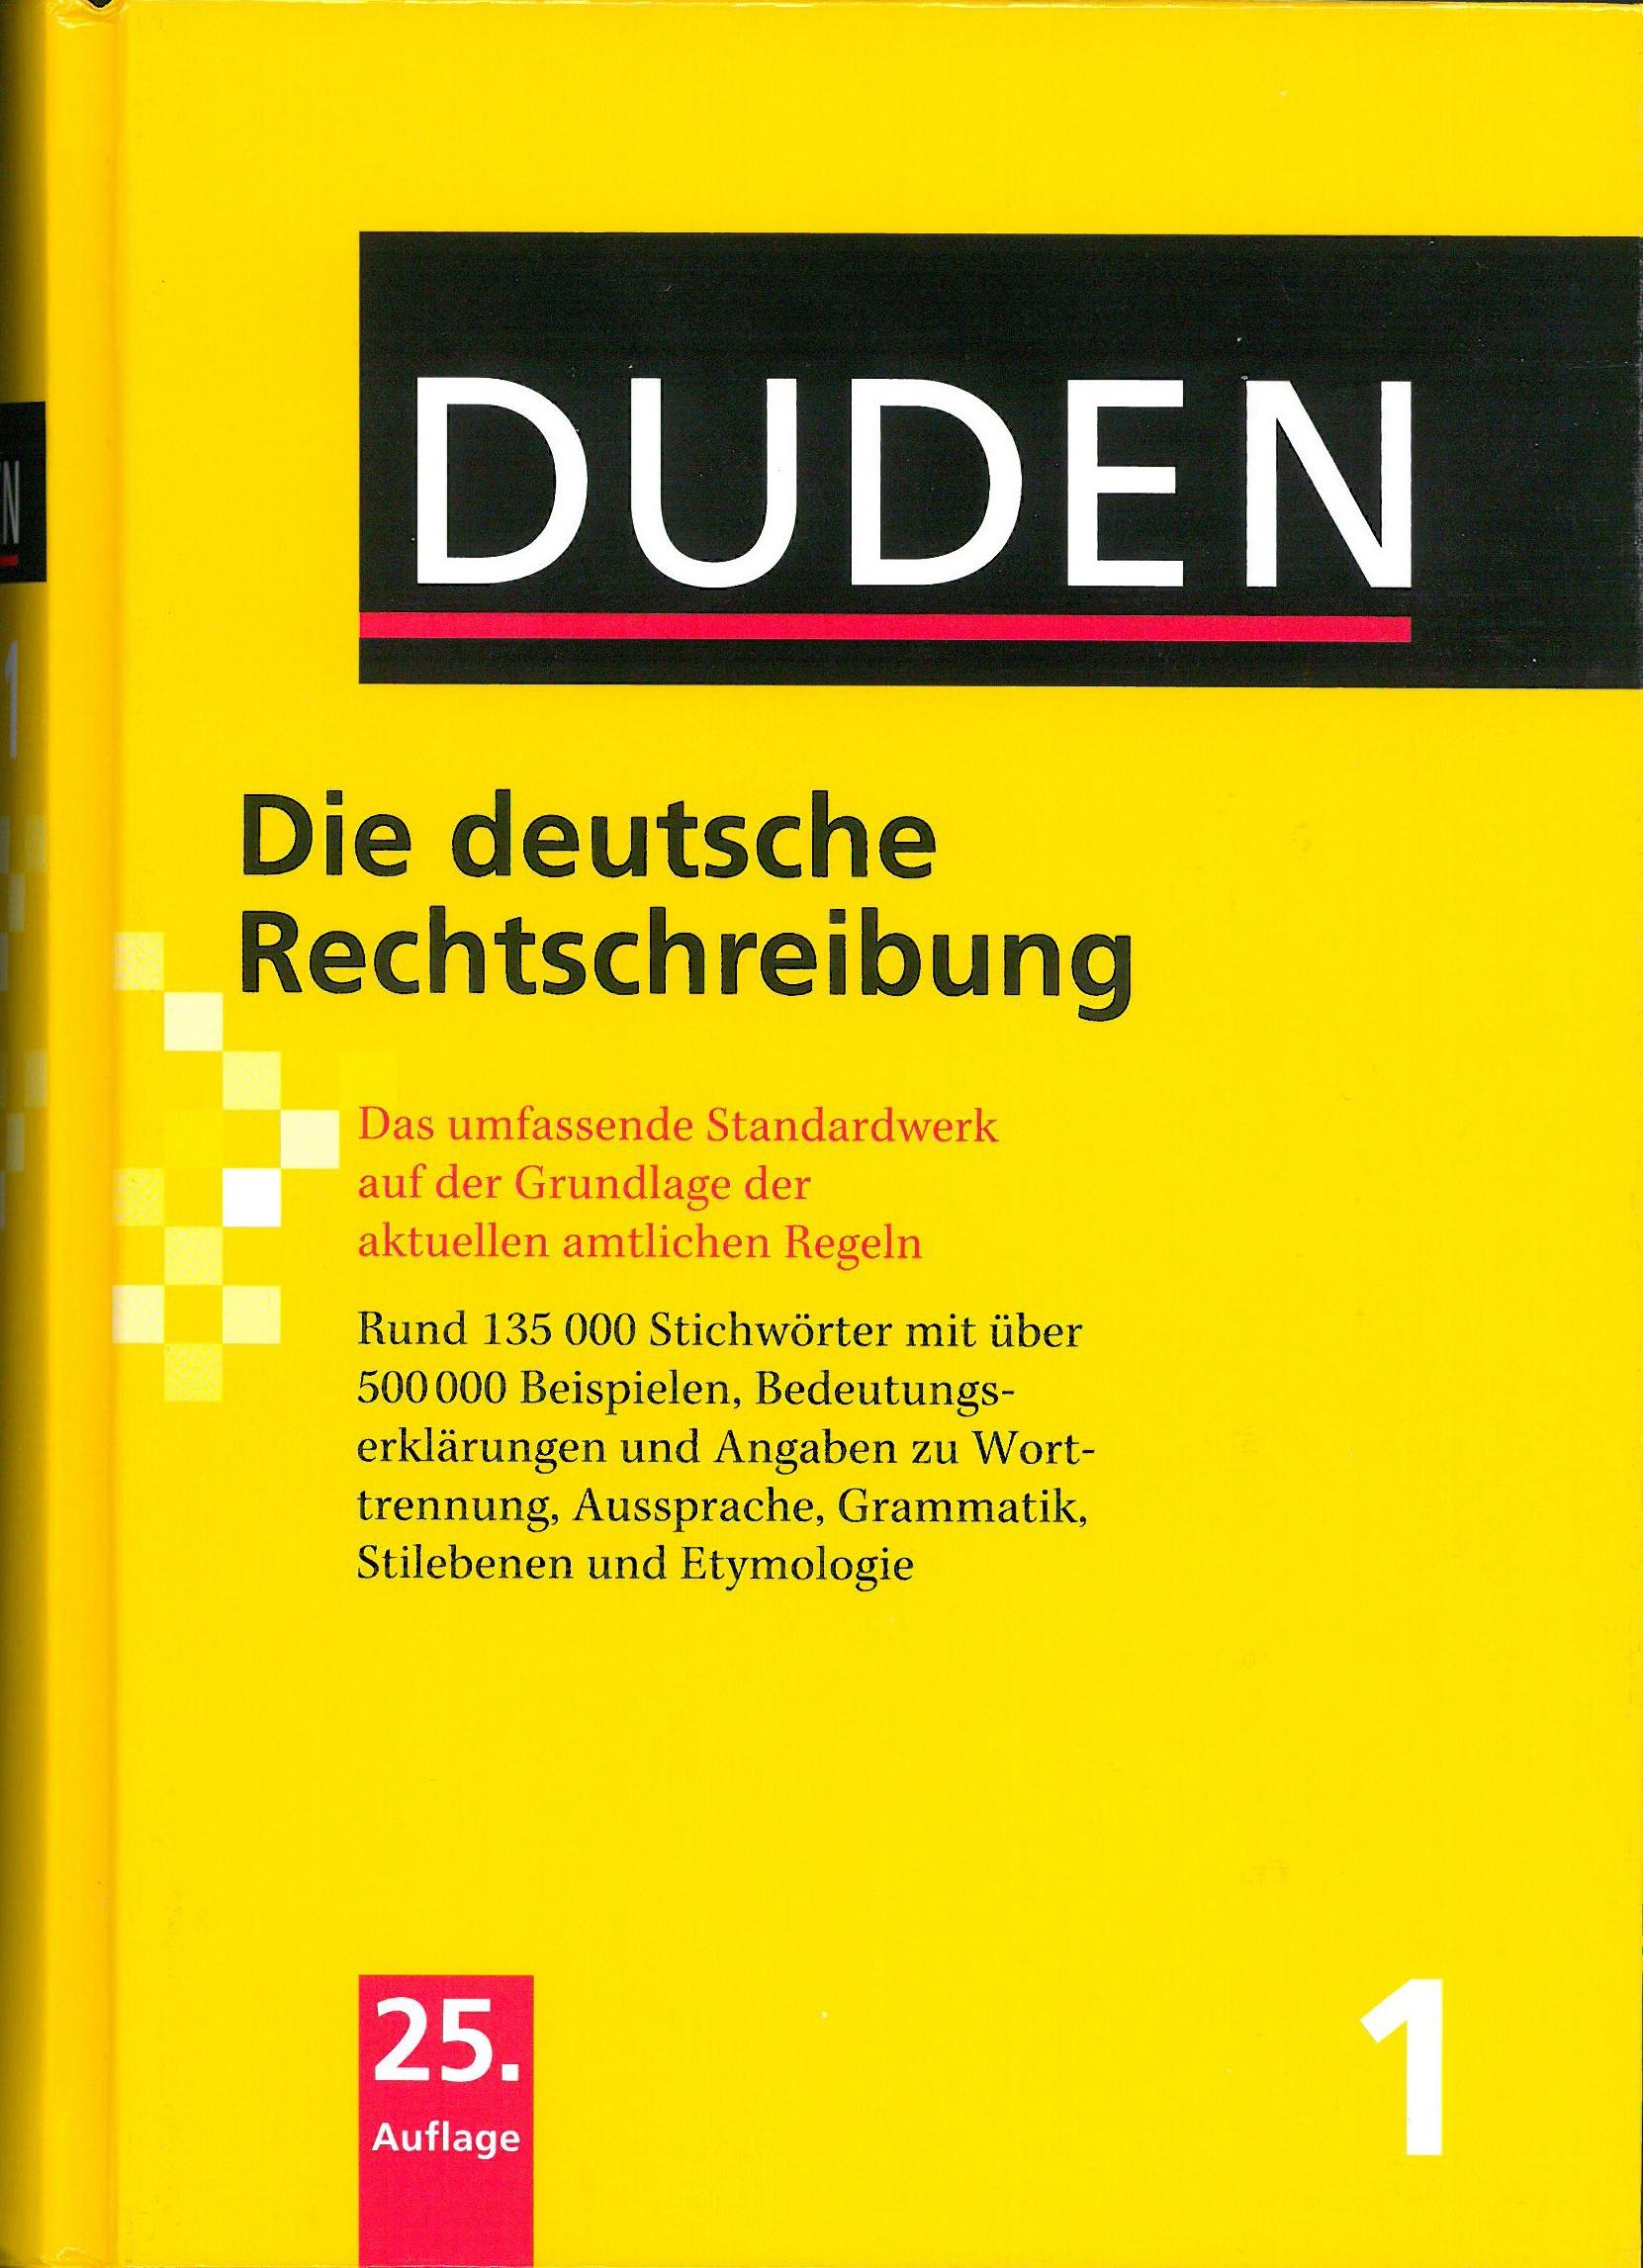 Buchcover Duden von 2009